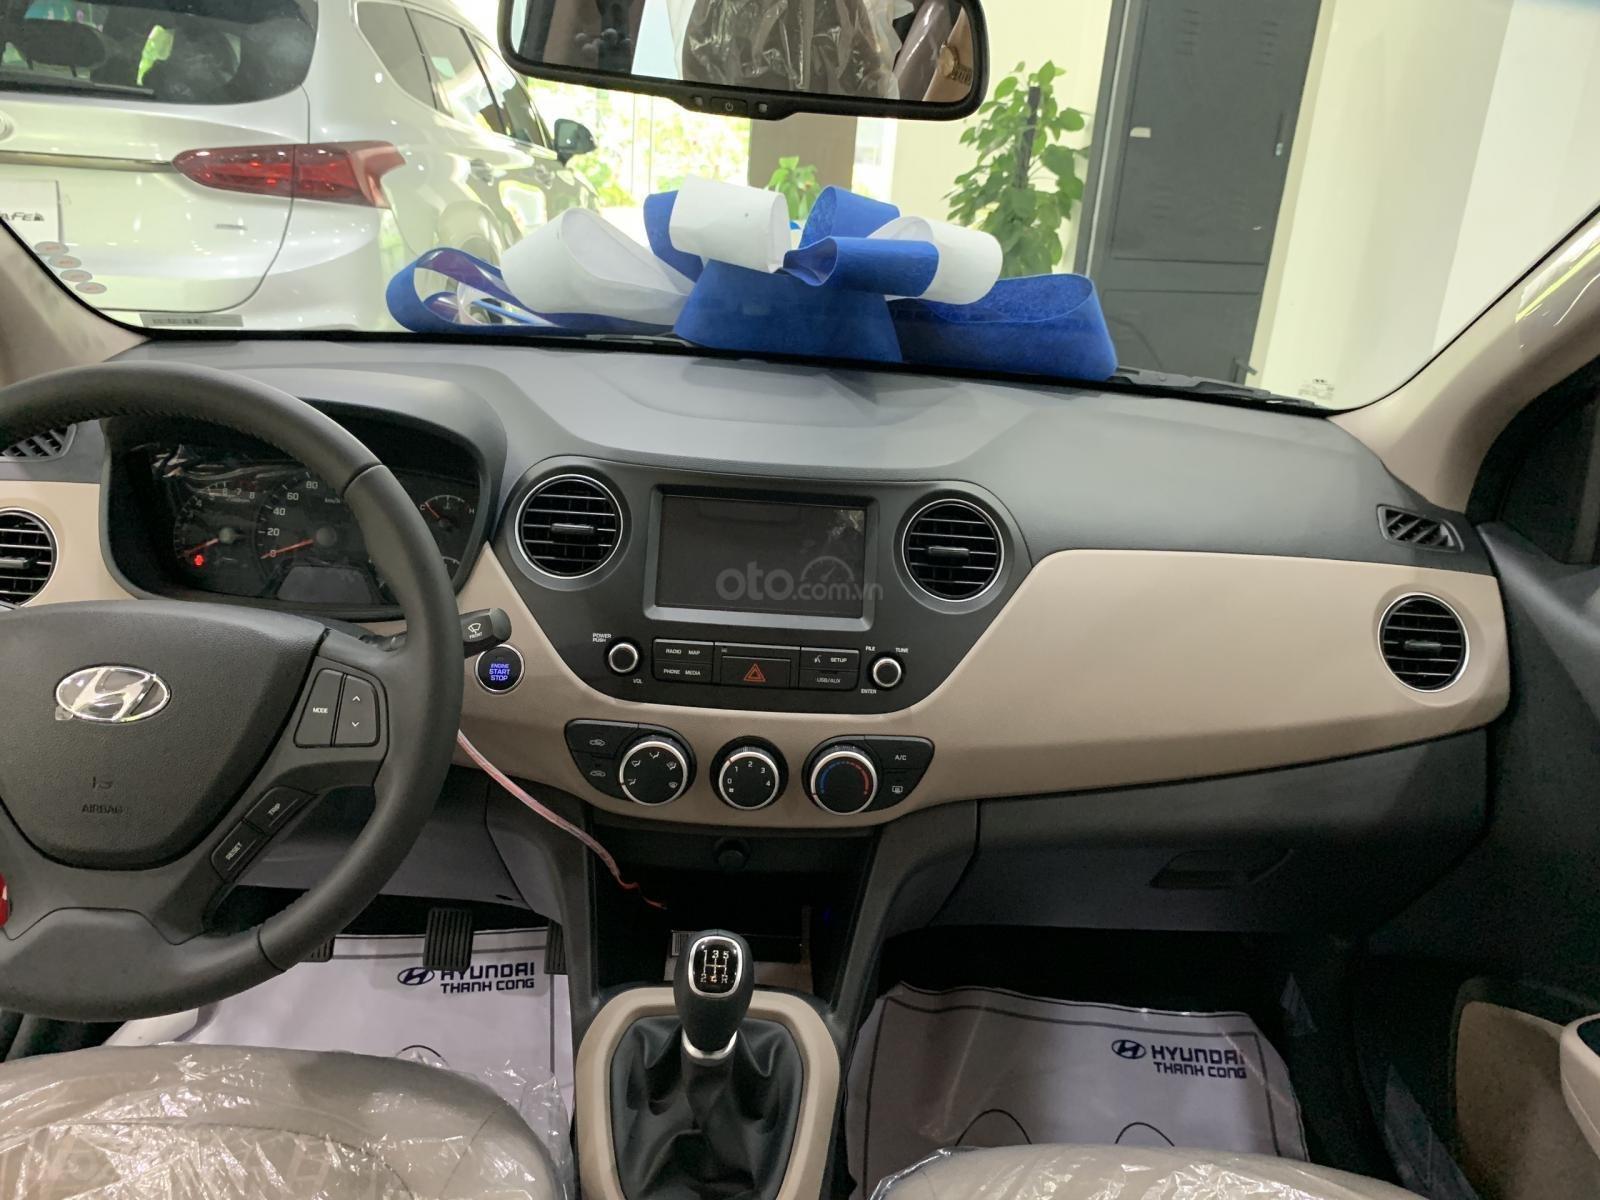 Bán Hyundai Grand I10 Sedan MT đỏ giao ngay, hỗ trợ đăng kí Grab, lấy xe chỉ với 130tr, LH 0977139312 (6)